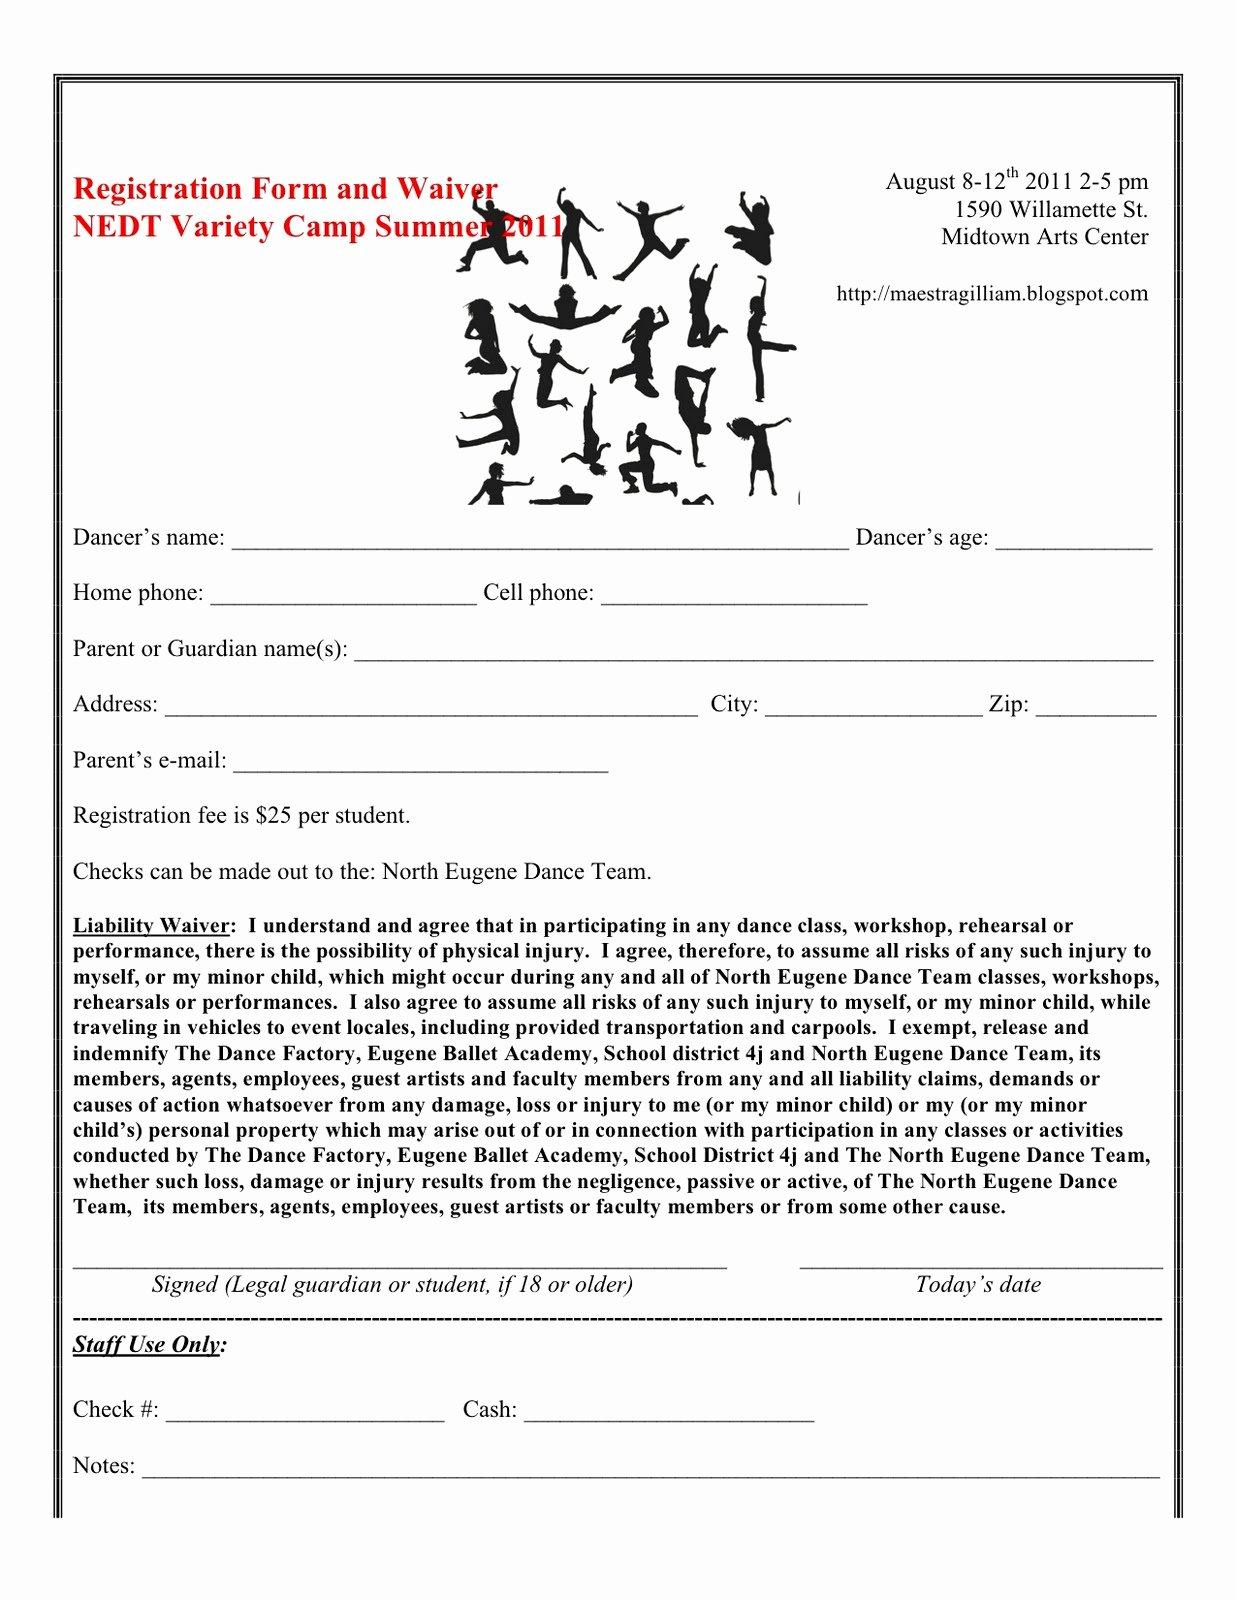 Dance Registration form Template Fresh Nedt Variety Sampler Dance Camp Ing Up